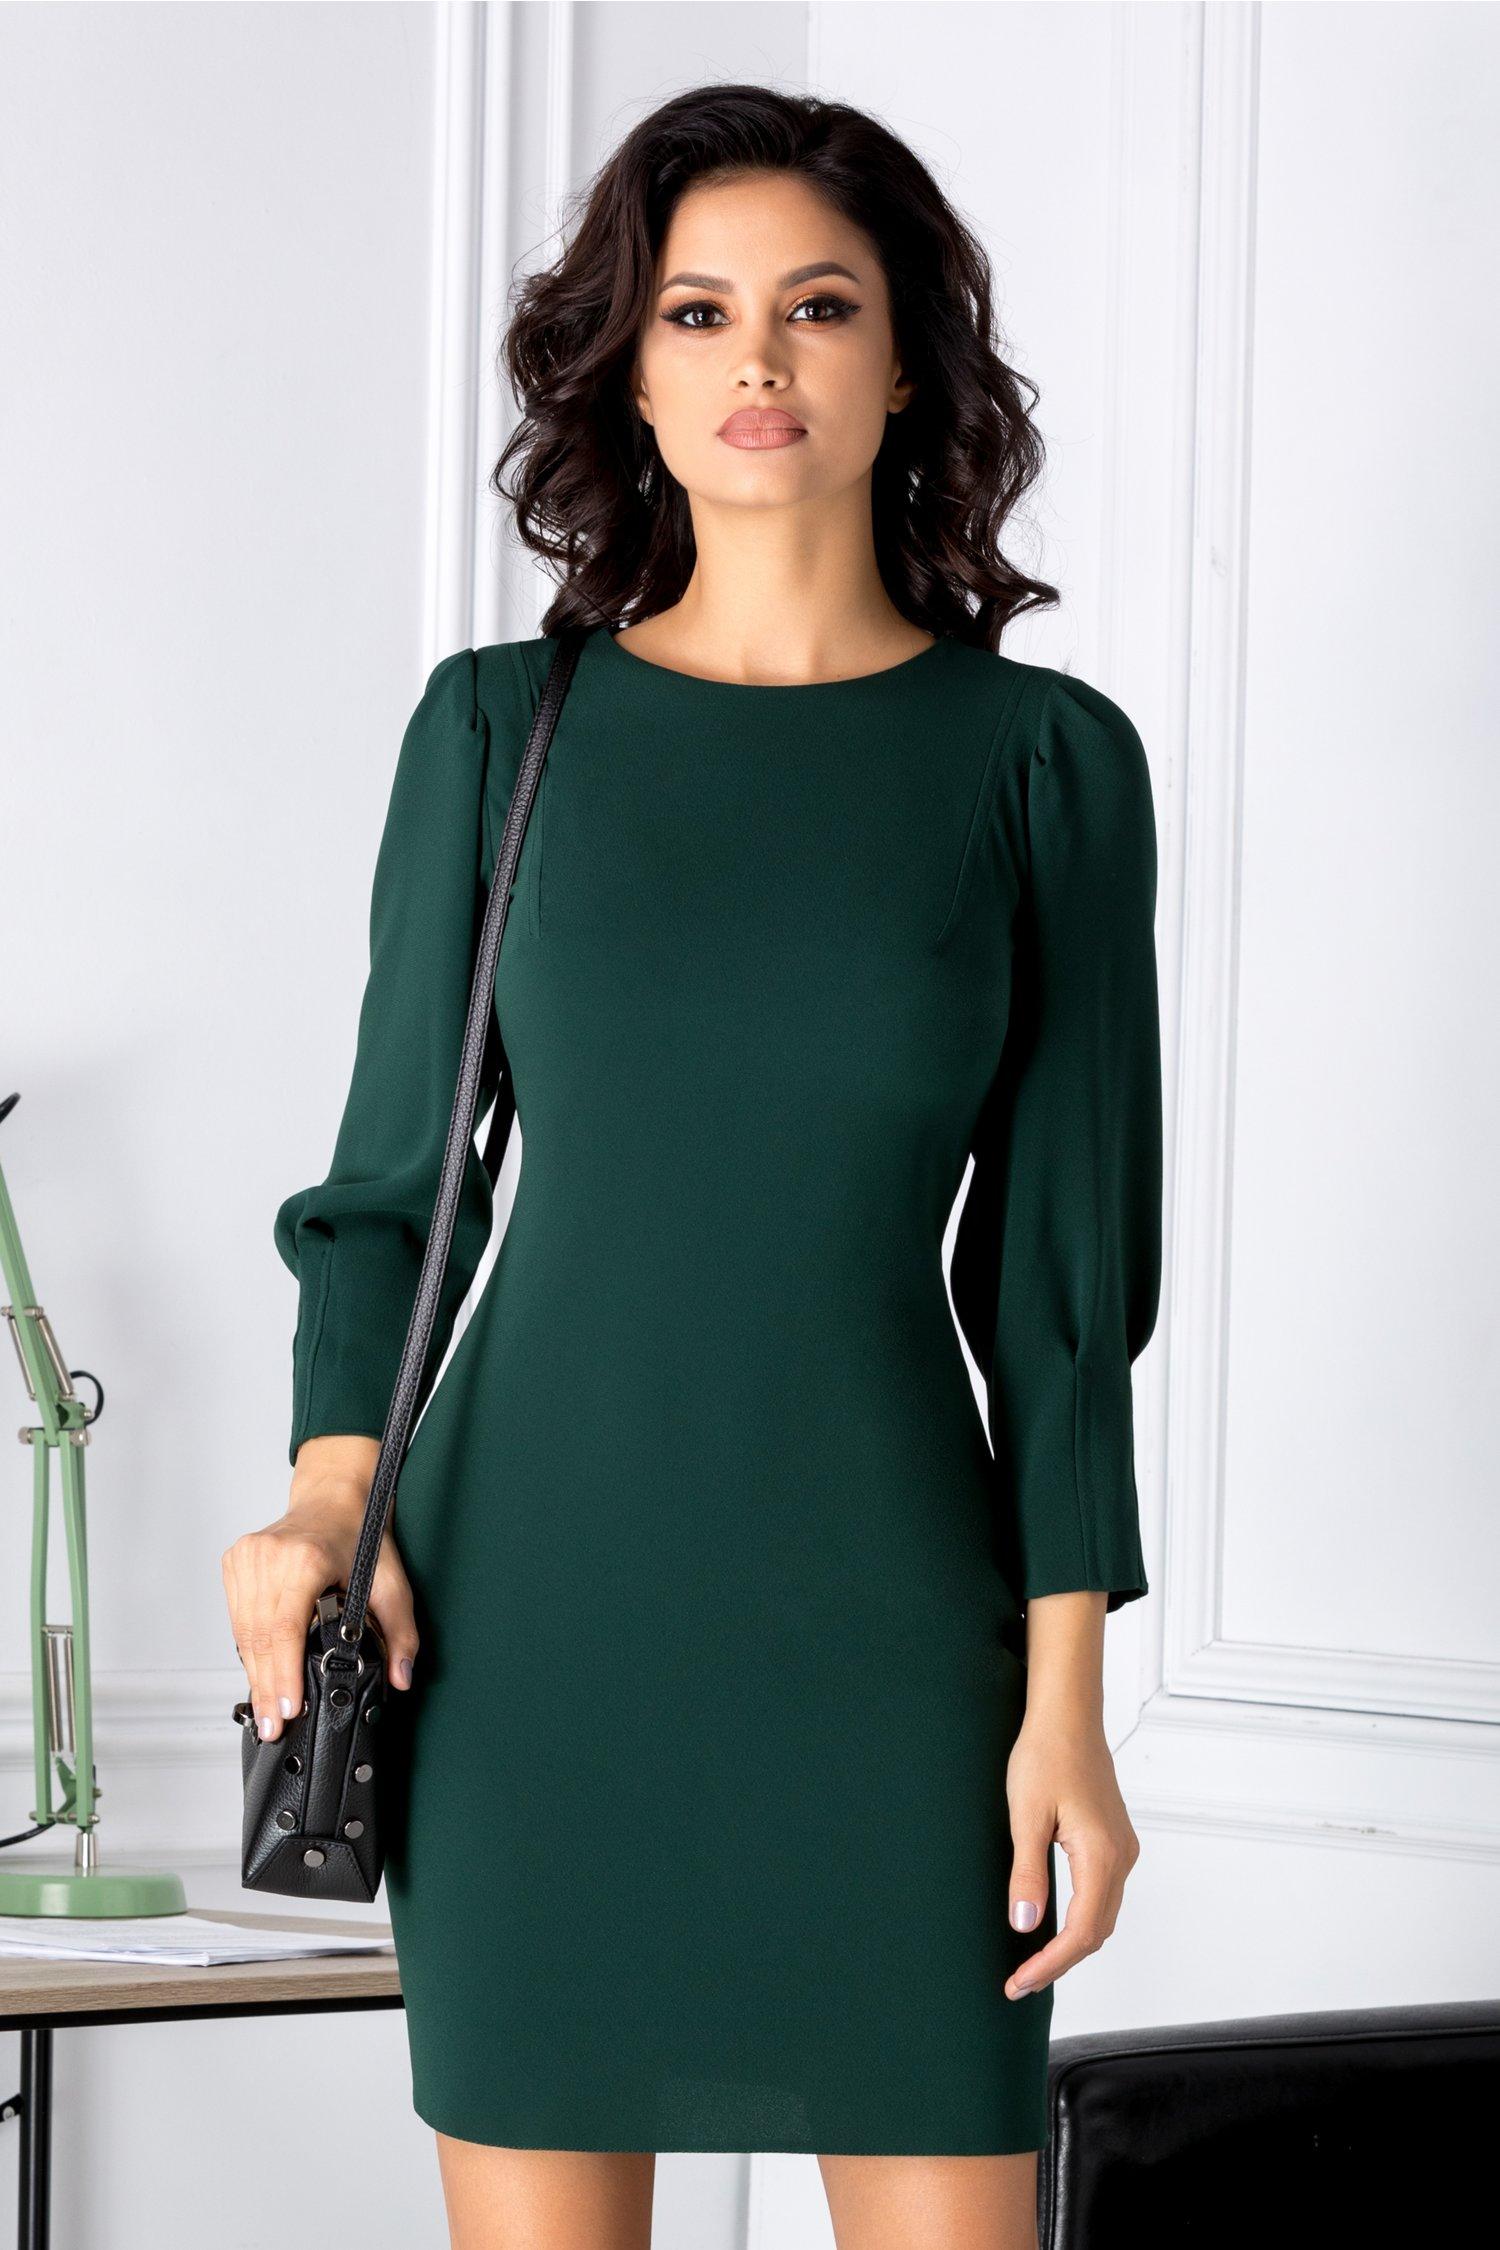 Rochie Moze smart casual verde cu nasturi la spate